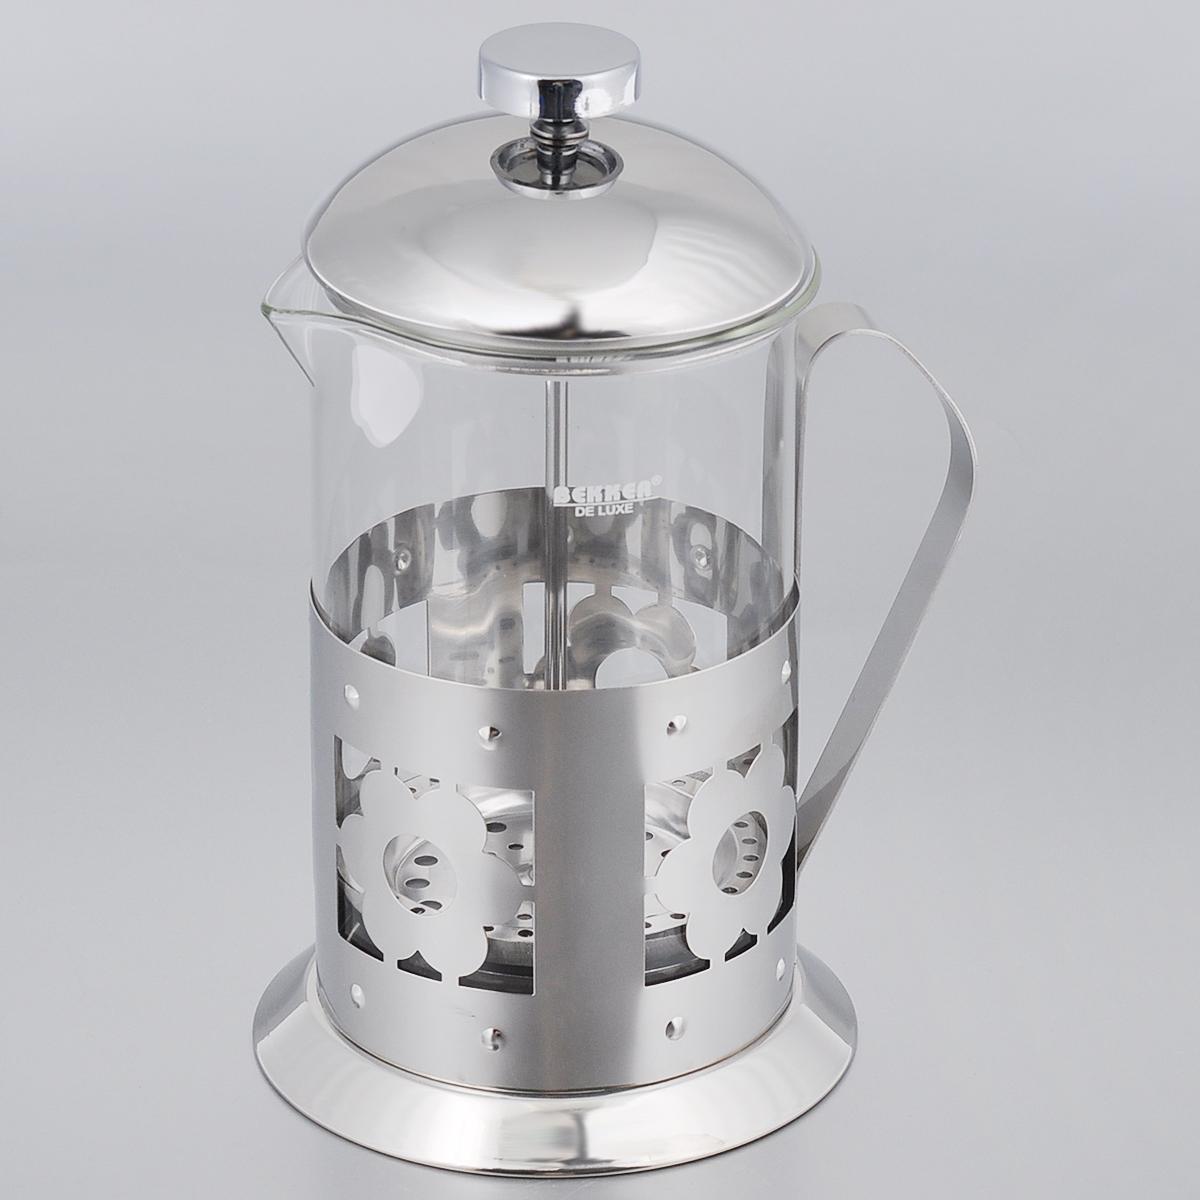 Френч-пресс Bekker De Luxe, 800 мл. BK-387BK-387Френч-пресс Bekker De Luxe представляет собой колбу из жаропрочного стекла в оправе из полированной нержавеющей стали 18/8. Оправа декорирована рельефом в виде цветка. Изделие оснащено фильтром french-press из нержавеющей стали, который позволяет легко и просто приготовить отличный напиток. Благодаря такому френч-прессу приготовление вкуснейшего ароматного и крепкого кофе займет всего пару минут. Настоящим ценителям натурального кофе широко известны основные и наиболее часто применяемые способы его приготовления: эспрессо, по-турецки, гейзерный. Однако существует принципиально иной способ, известный как french press, благодаря которому приготовление ароматного напитка стало гораздо проще. Весь процесс приготовления кофе займет не более 7 минут. Можно мыть в посудомоечной машине.